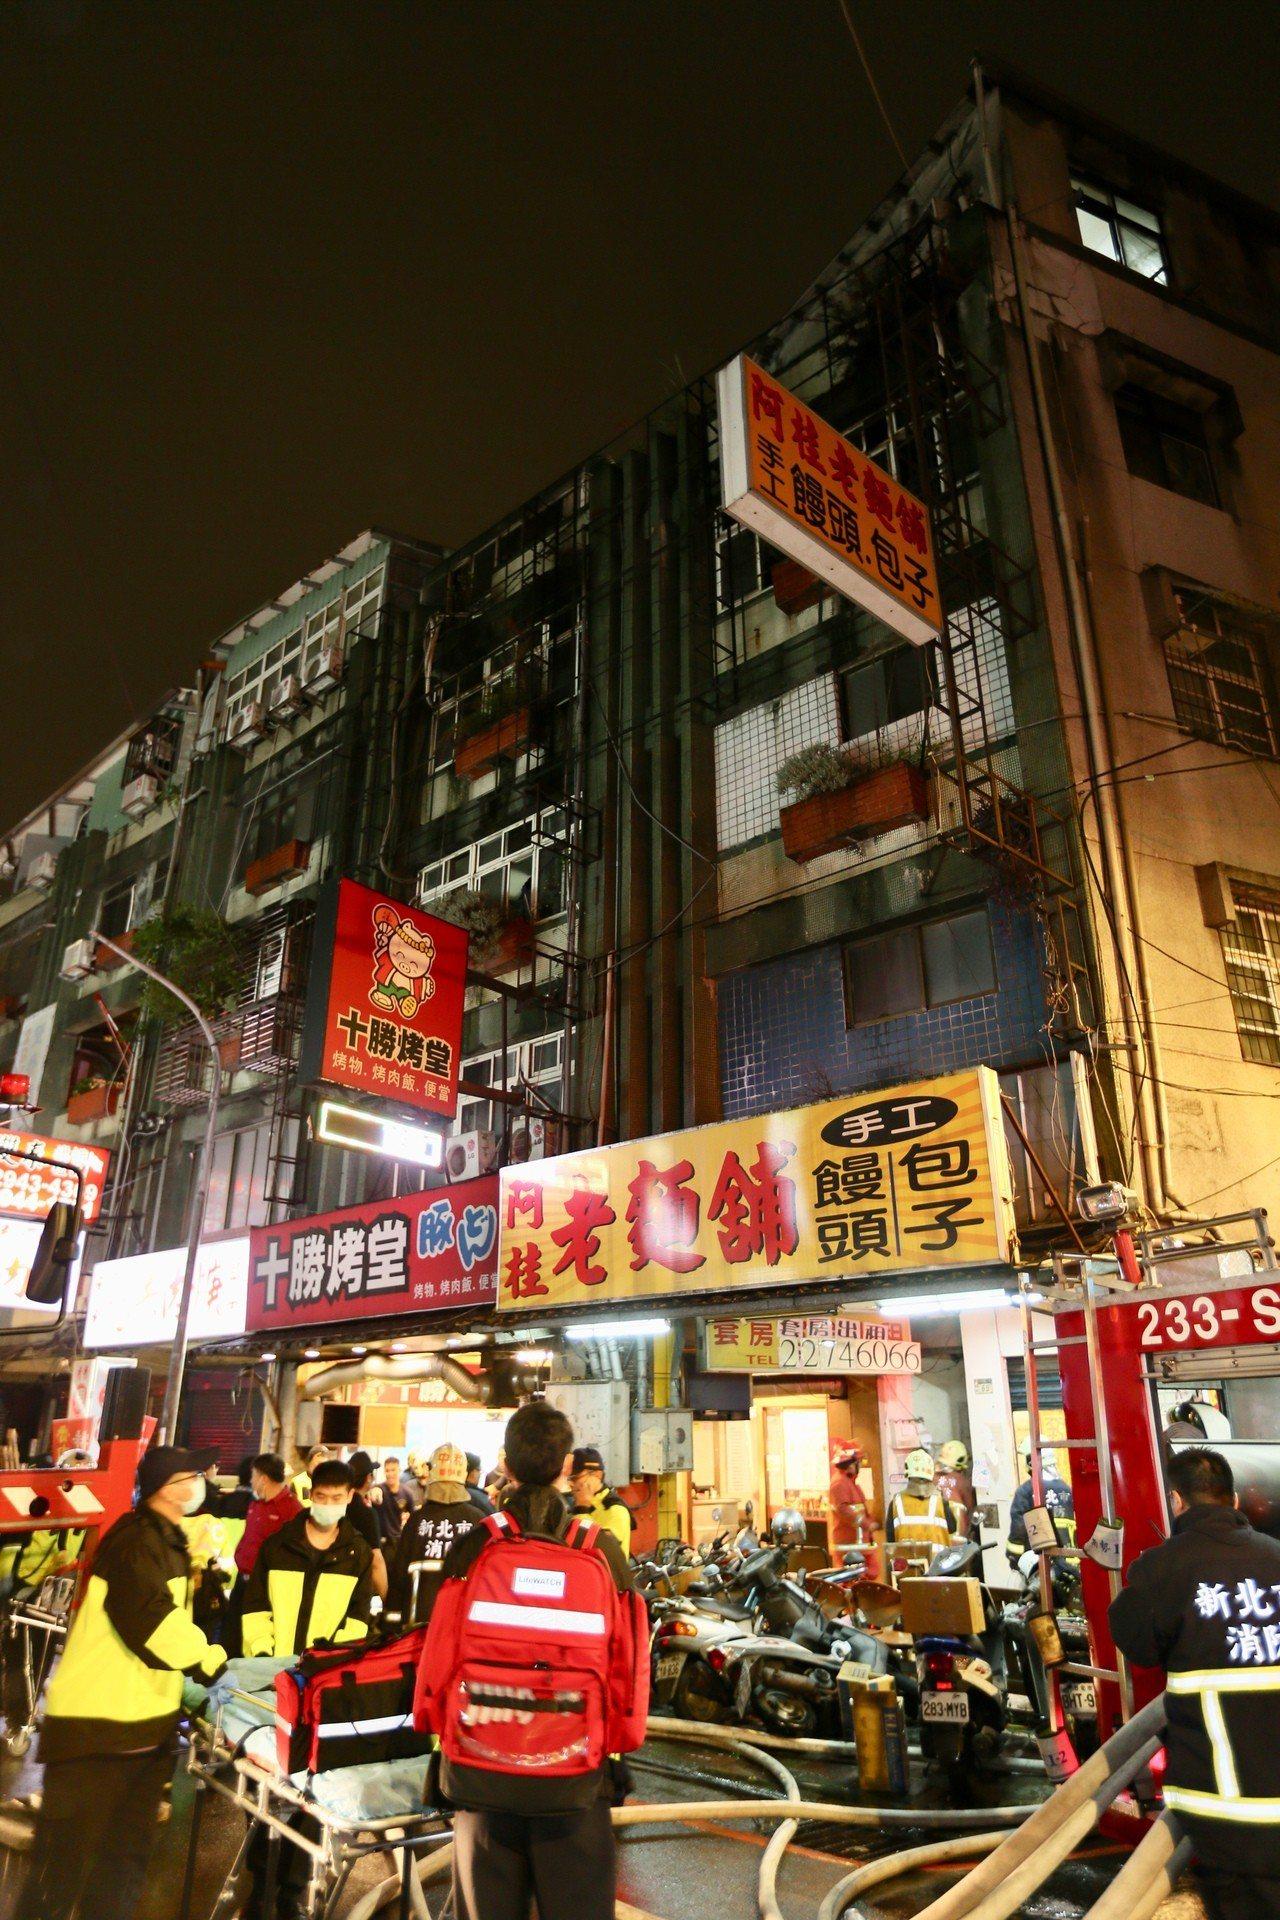 新北市中和區興南路二段公寓,22日晚間八點半傳出火警,釀重大傷亡。 聯合報記者陳...